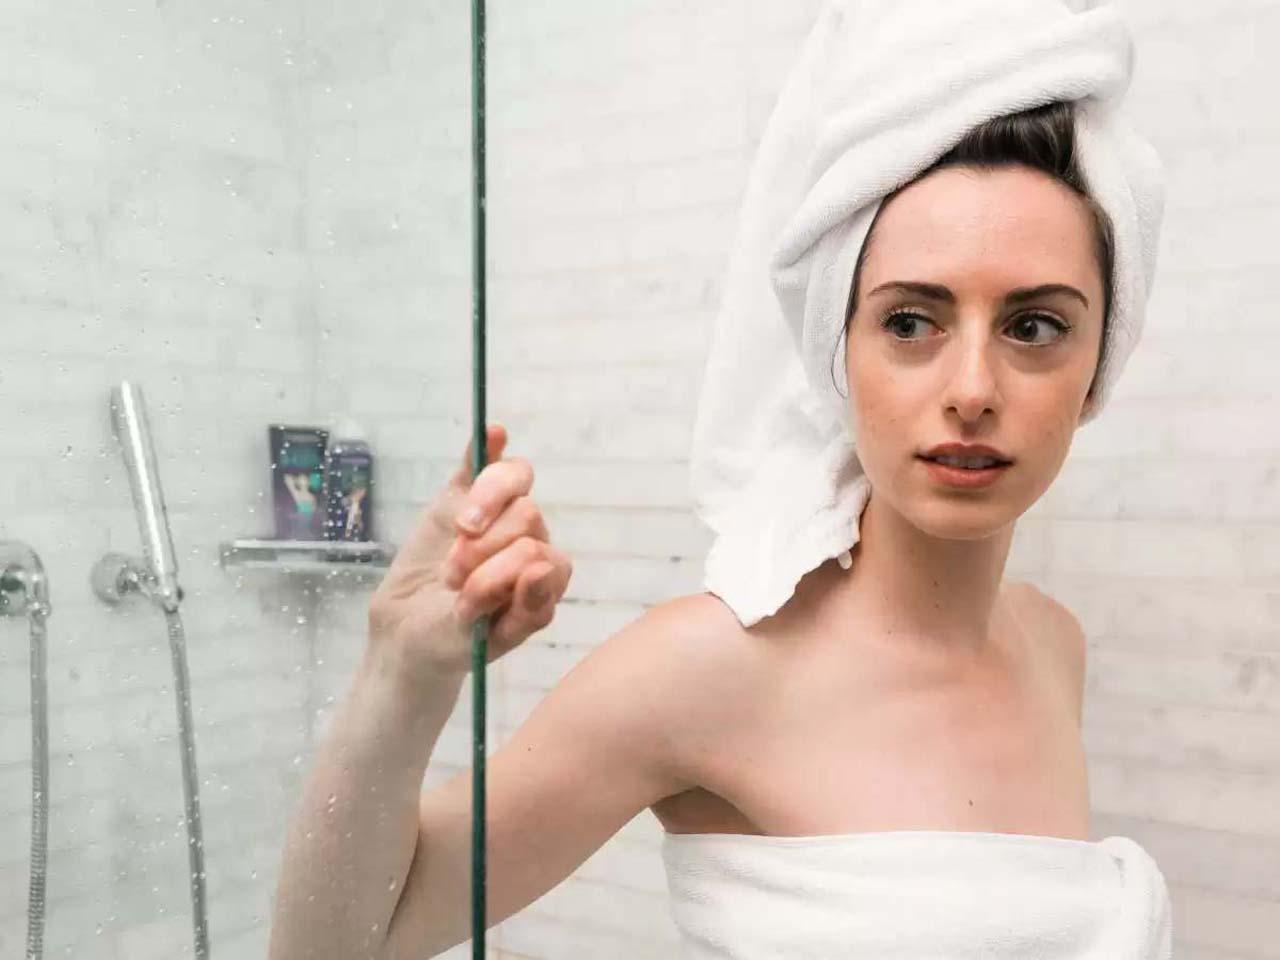 Avoid Hot Showers